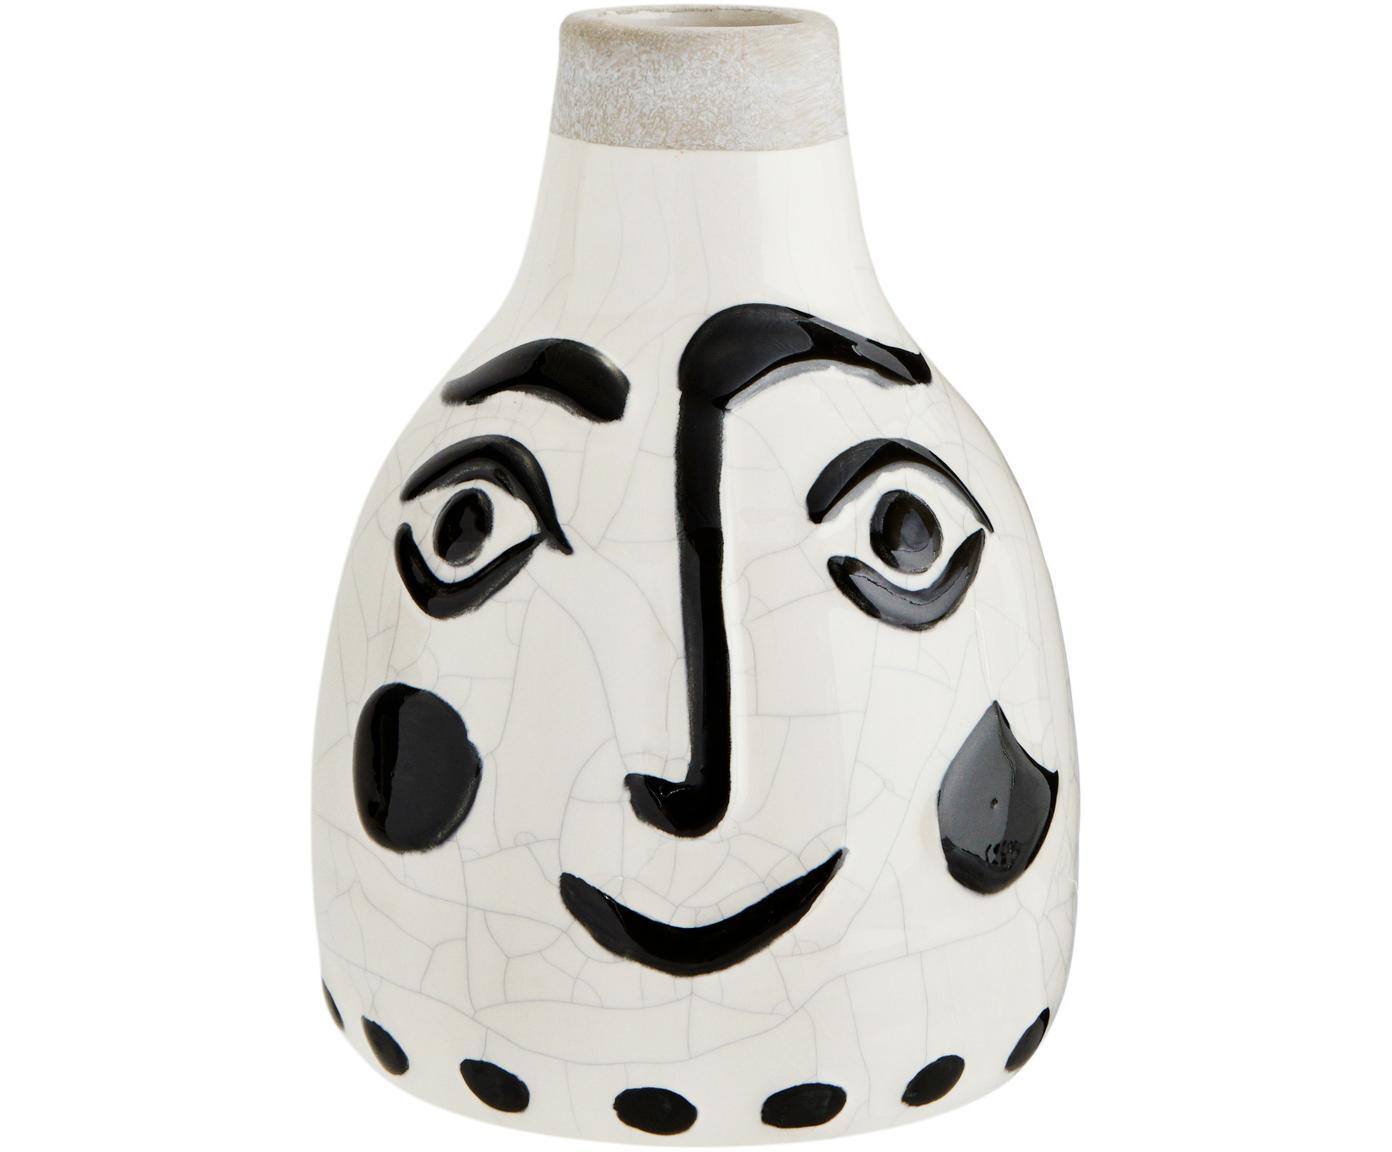 Wazon z krakelurą Face, Kamionka, Biały, czarny, Ø 14 x W 21 cm